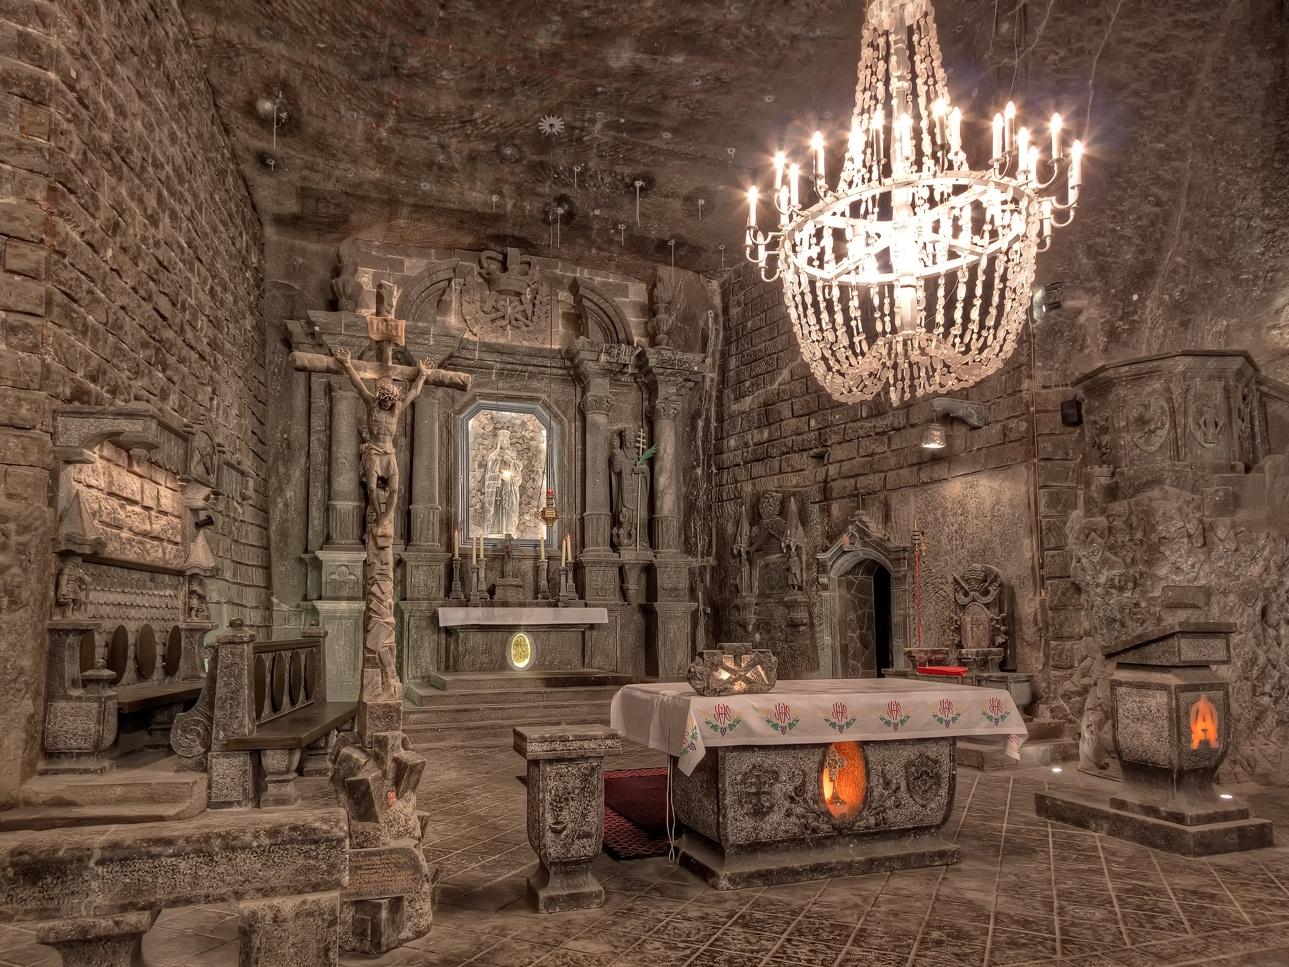 Thánh đường cổ xây dựng hoàn toàn bằng muối ở Ba Lan